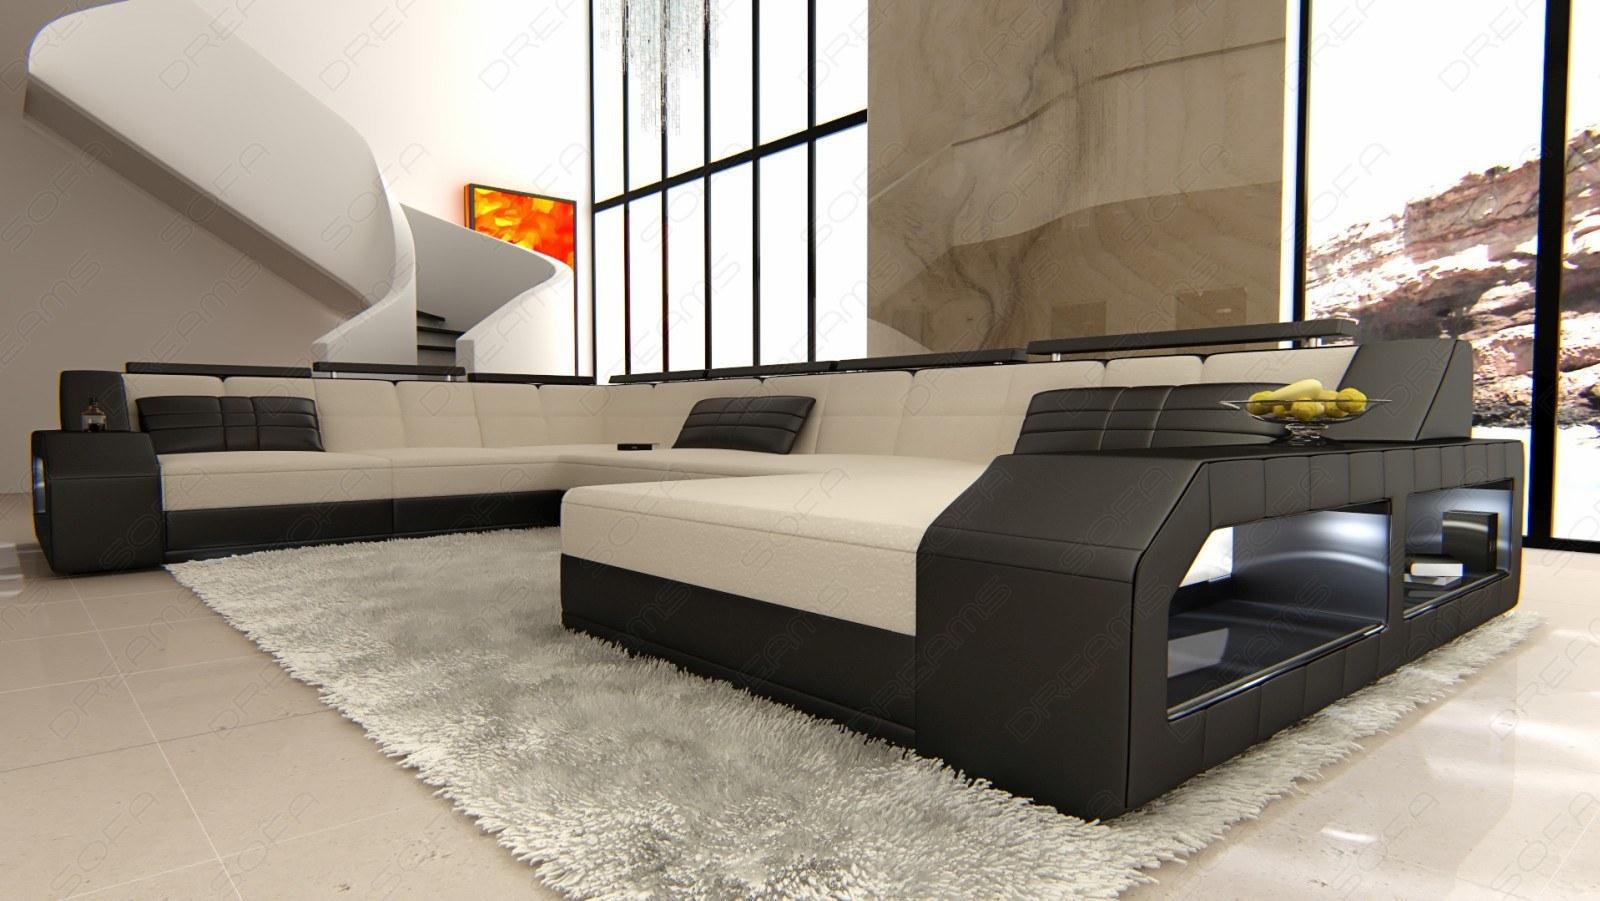 Luxus Wohnlandschaft Matera In Xxl Als Edle Stoffsofa Variante